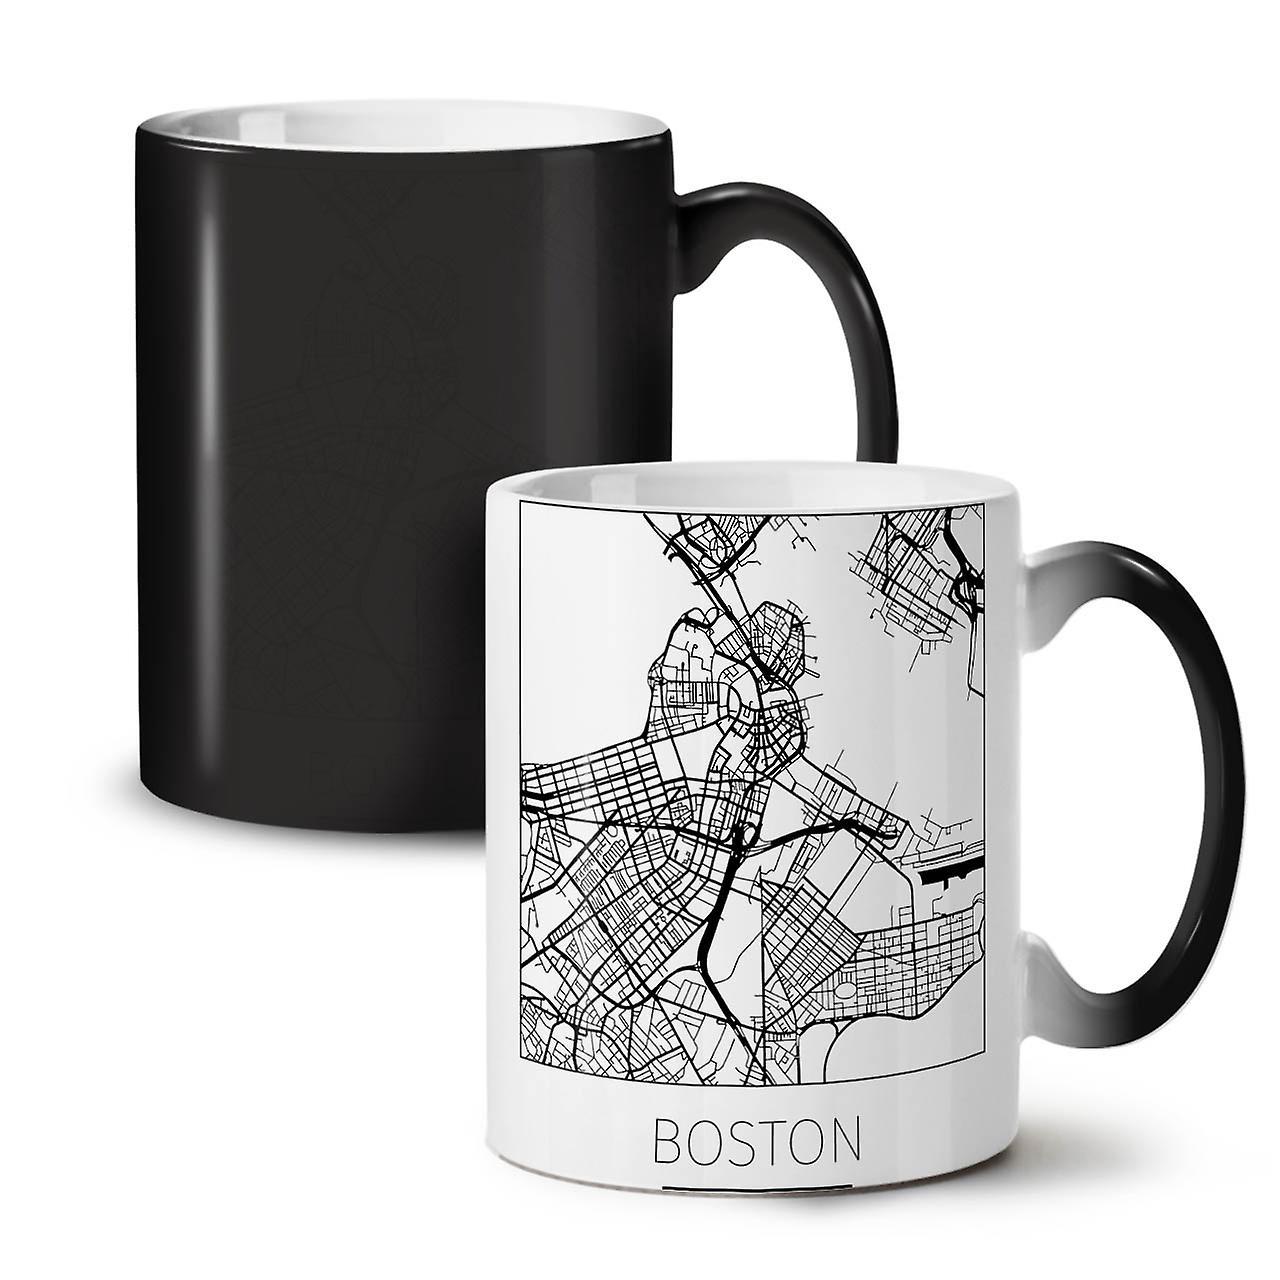 Thé OzWellcoda City De Café 11 Nouvelle Changeant Céramique Noir Tasse Carte Fashion Boston Couleur dstQhr